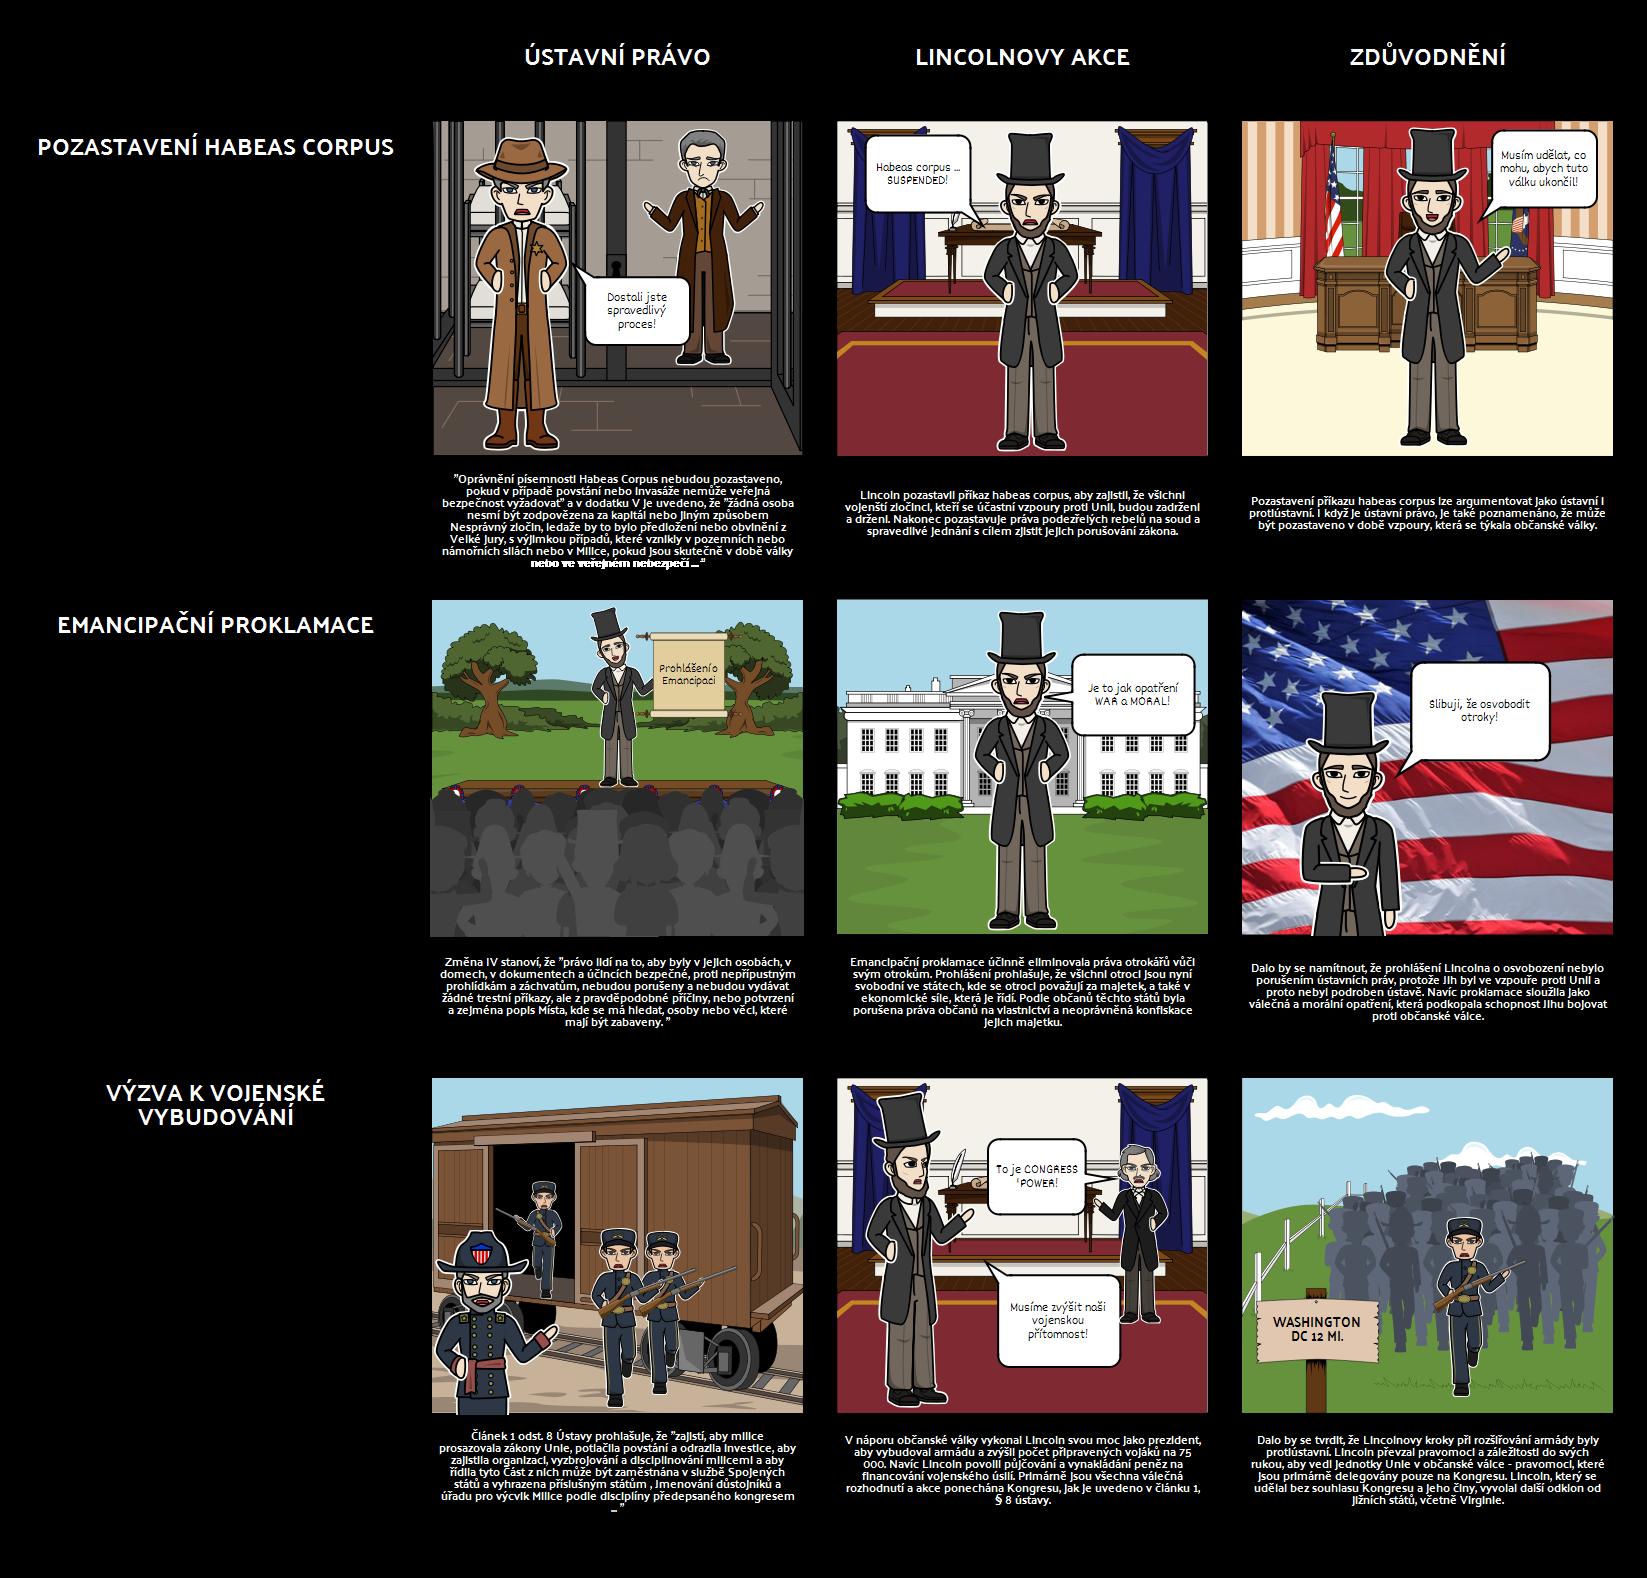 Lincoln je Rozšíření Pravomocí a Ústavnosti